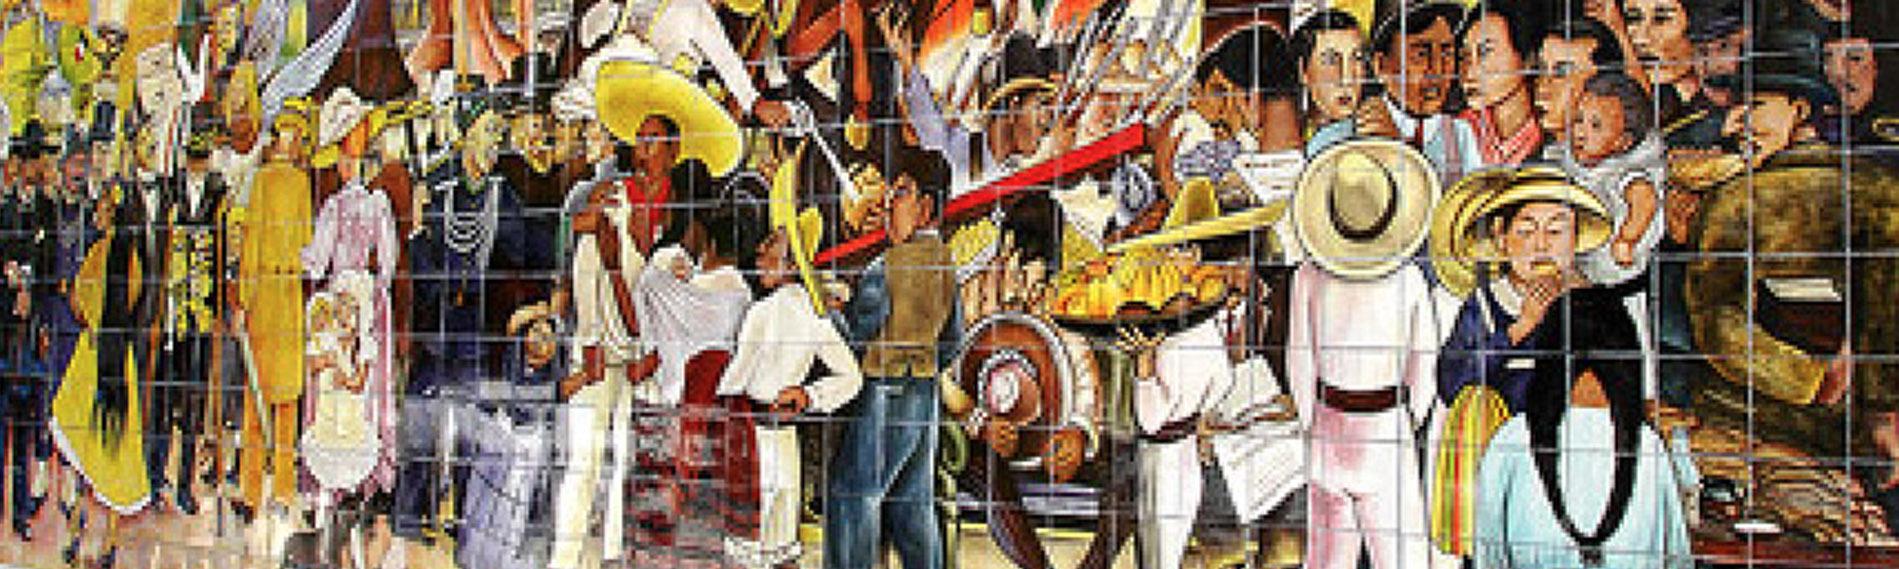 Jalisco es México: San Pedro Tlaquepaque